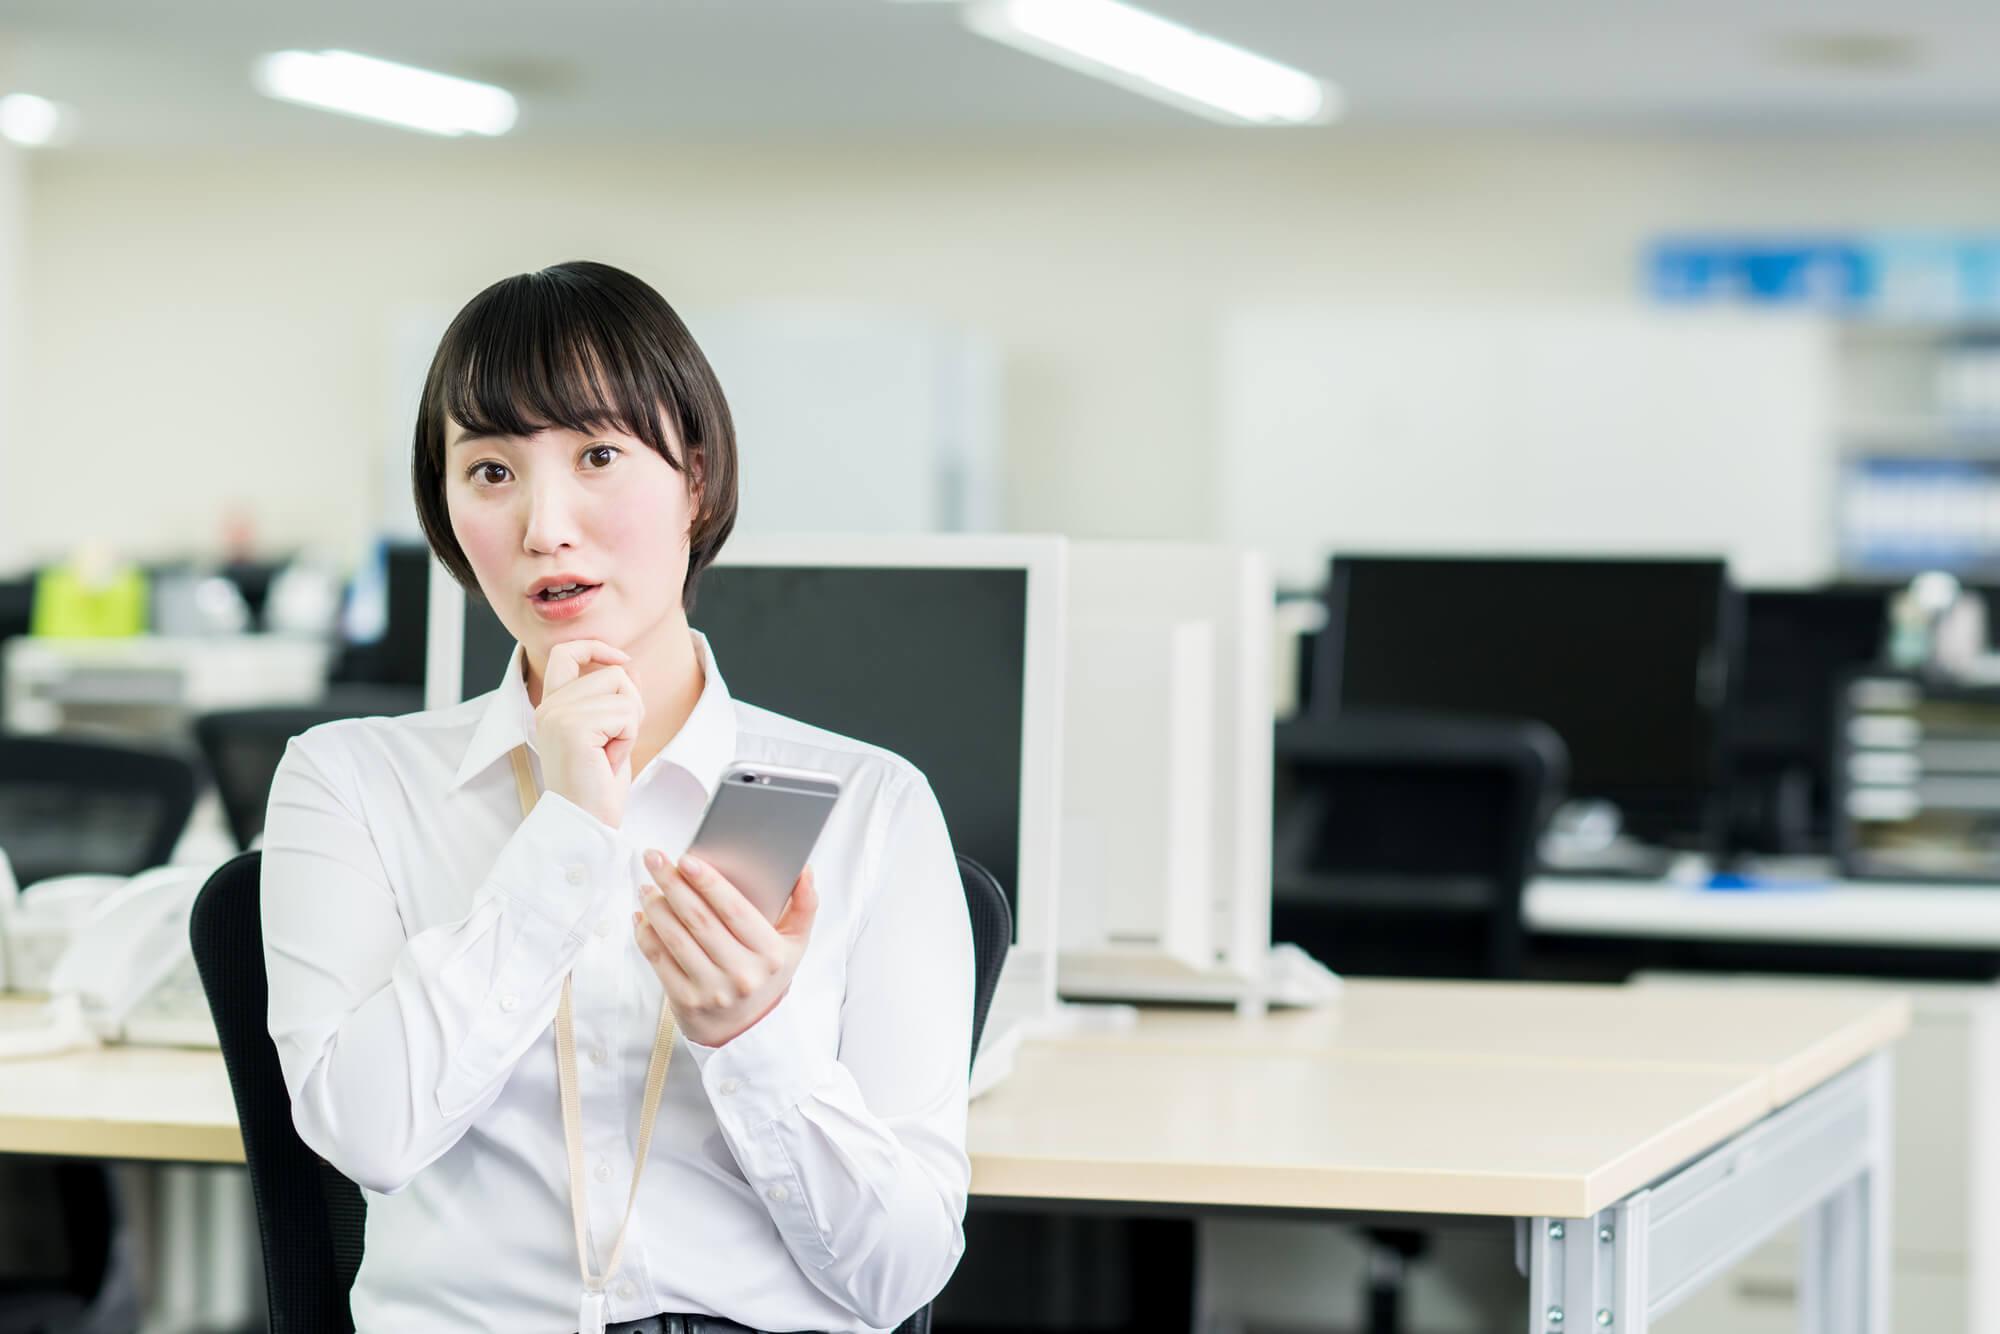 離職率が高まりやすい会社の4つの特徴